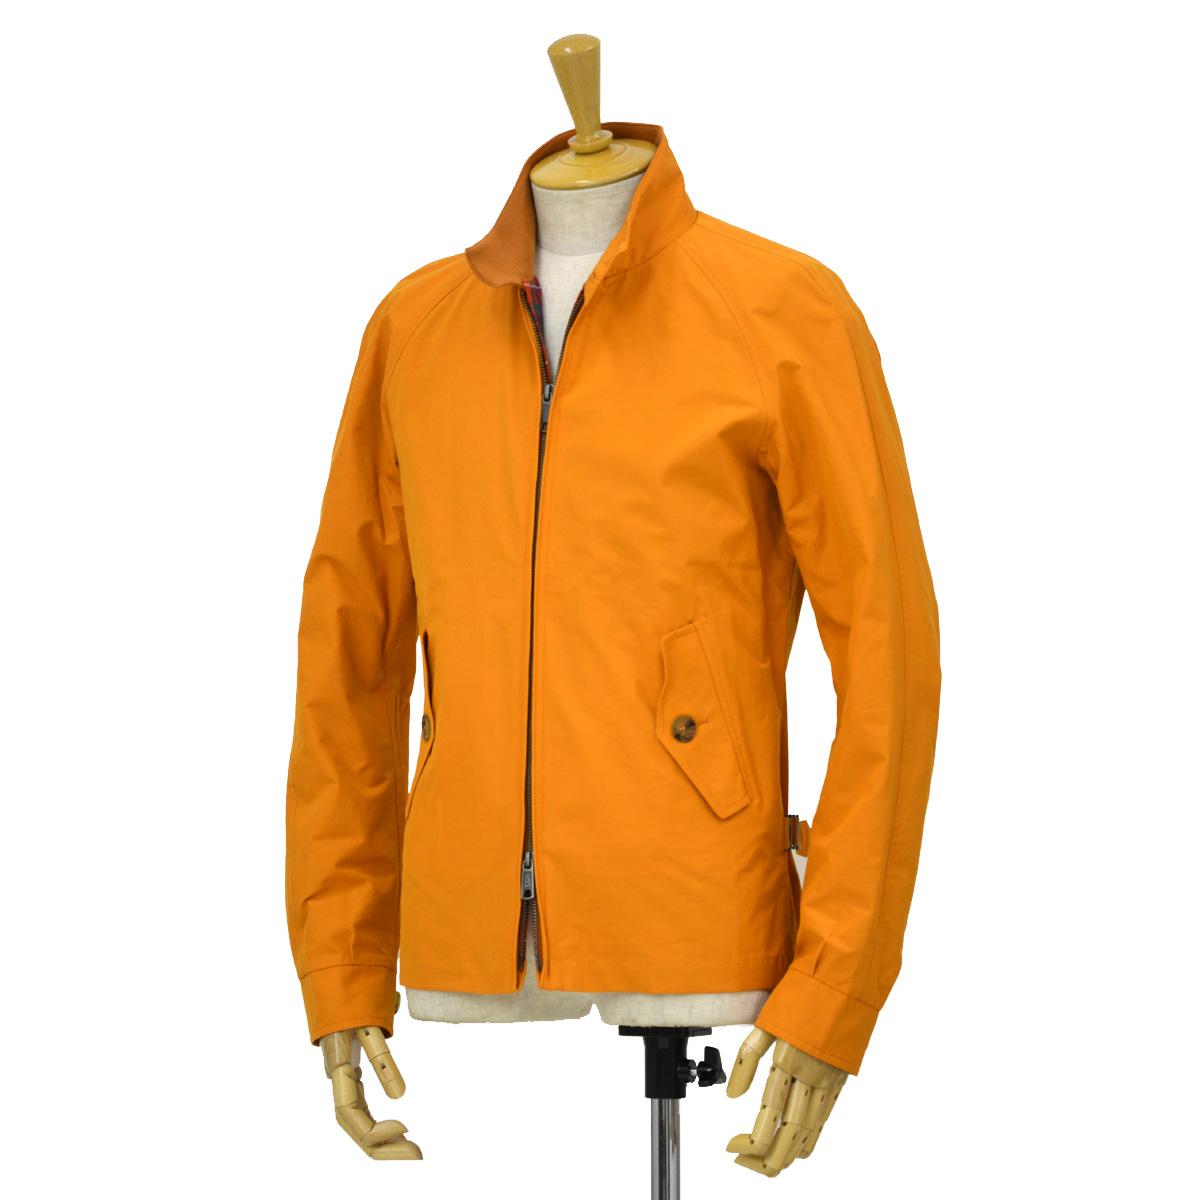 BARACUTA【バラクータ】G4 ORIGINAL BRCPS0002 BCNY1 2623 PUMPKIN コットン ポリエステル オレンジ